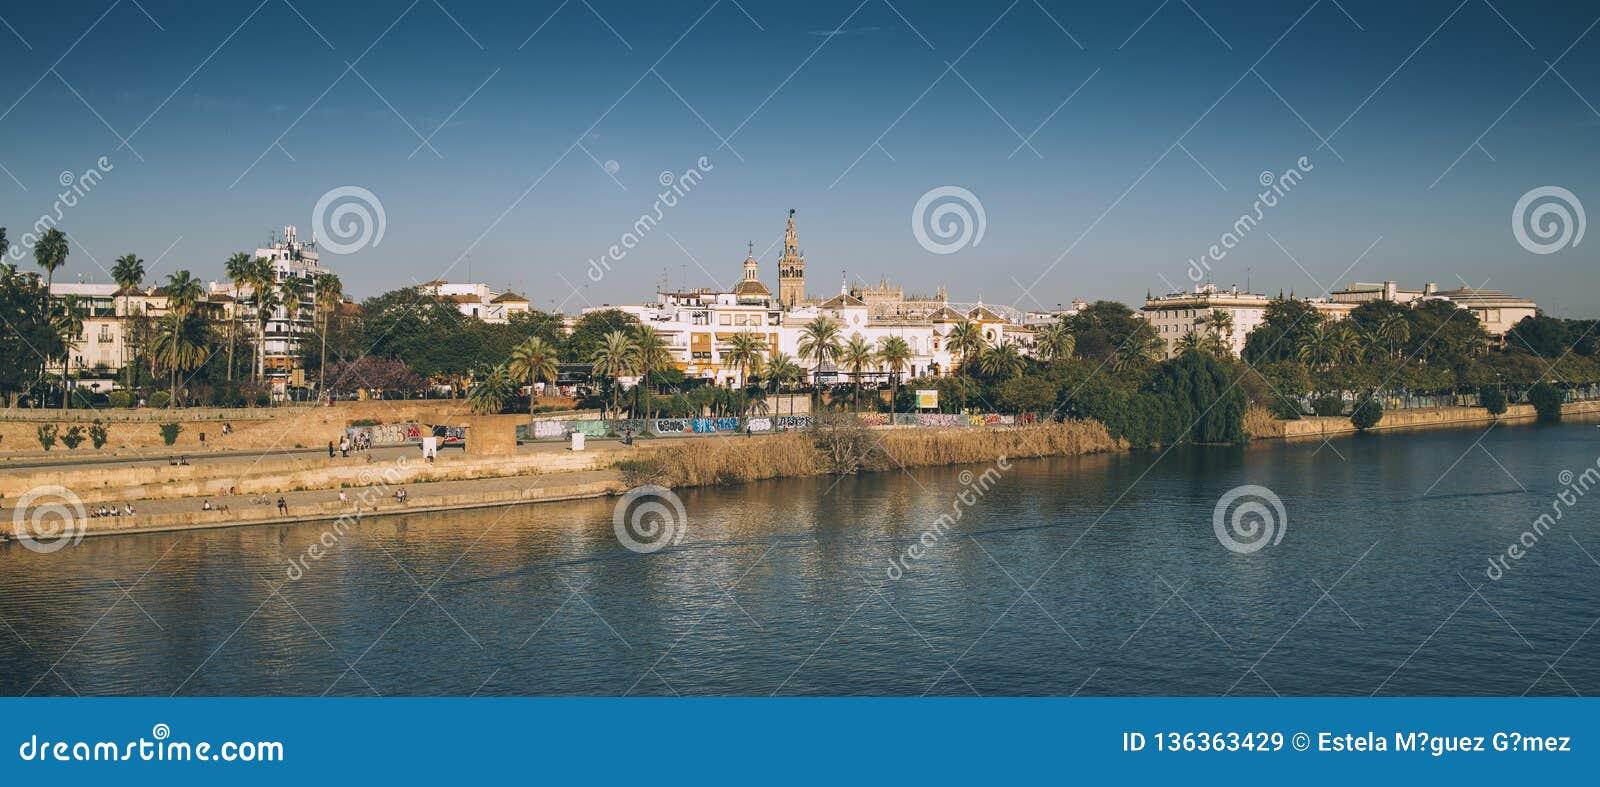 From the Triana bridge, Sevilla